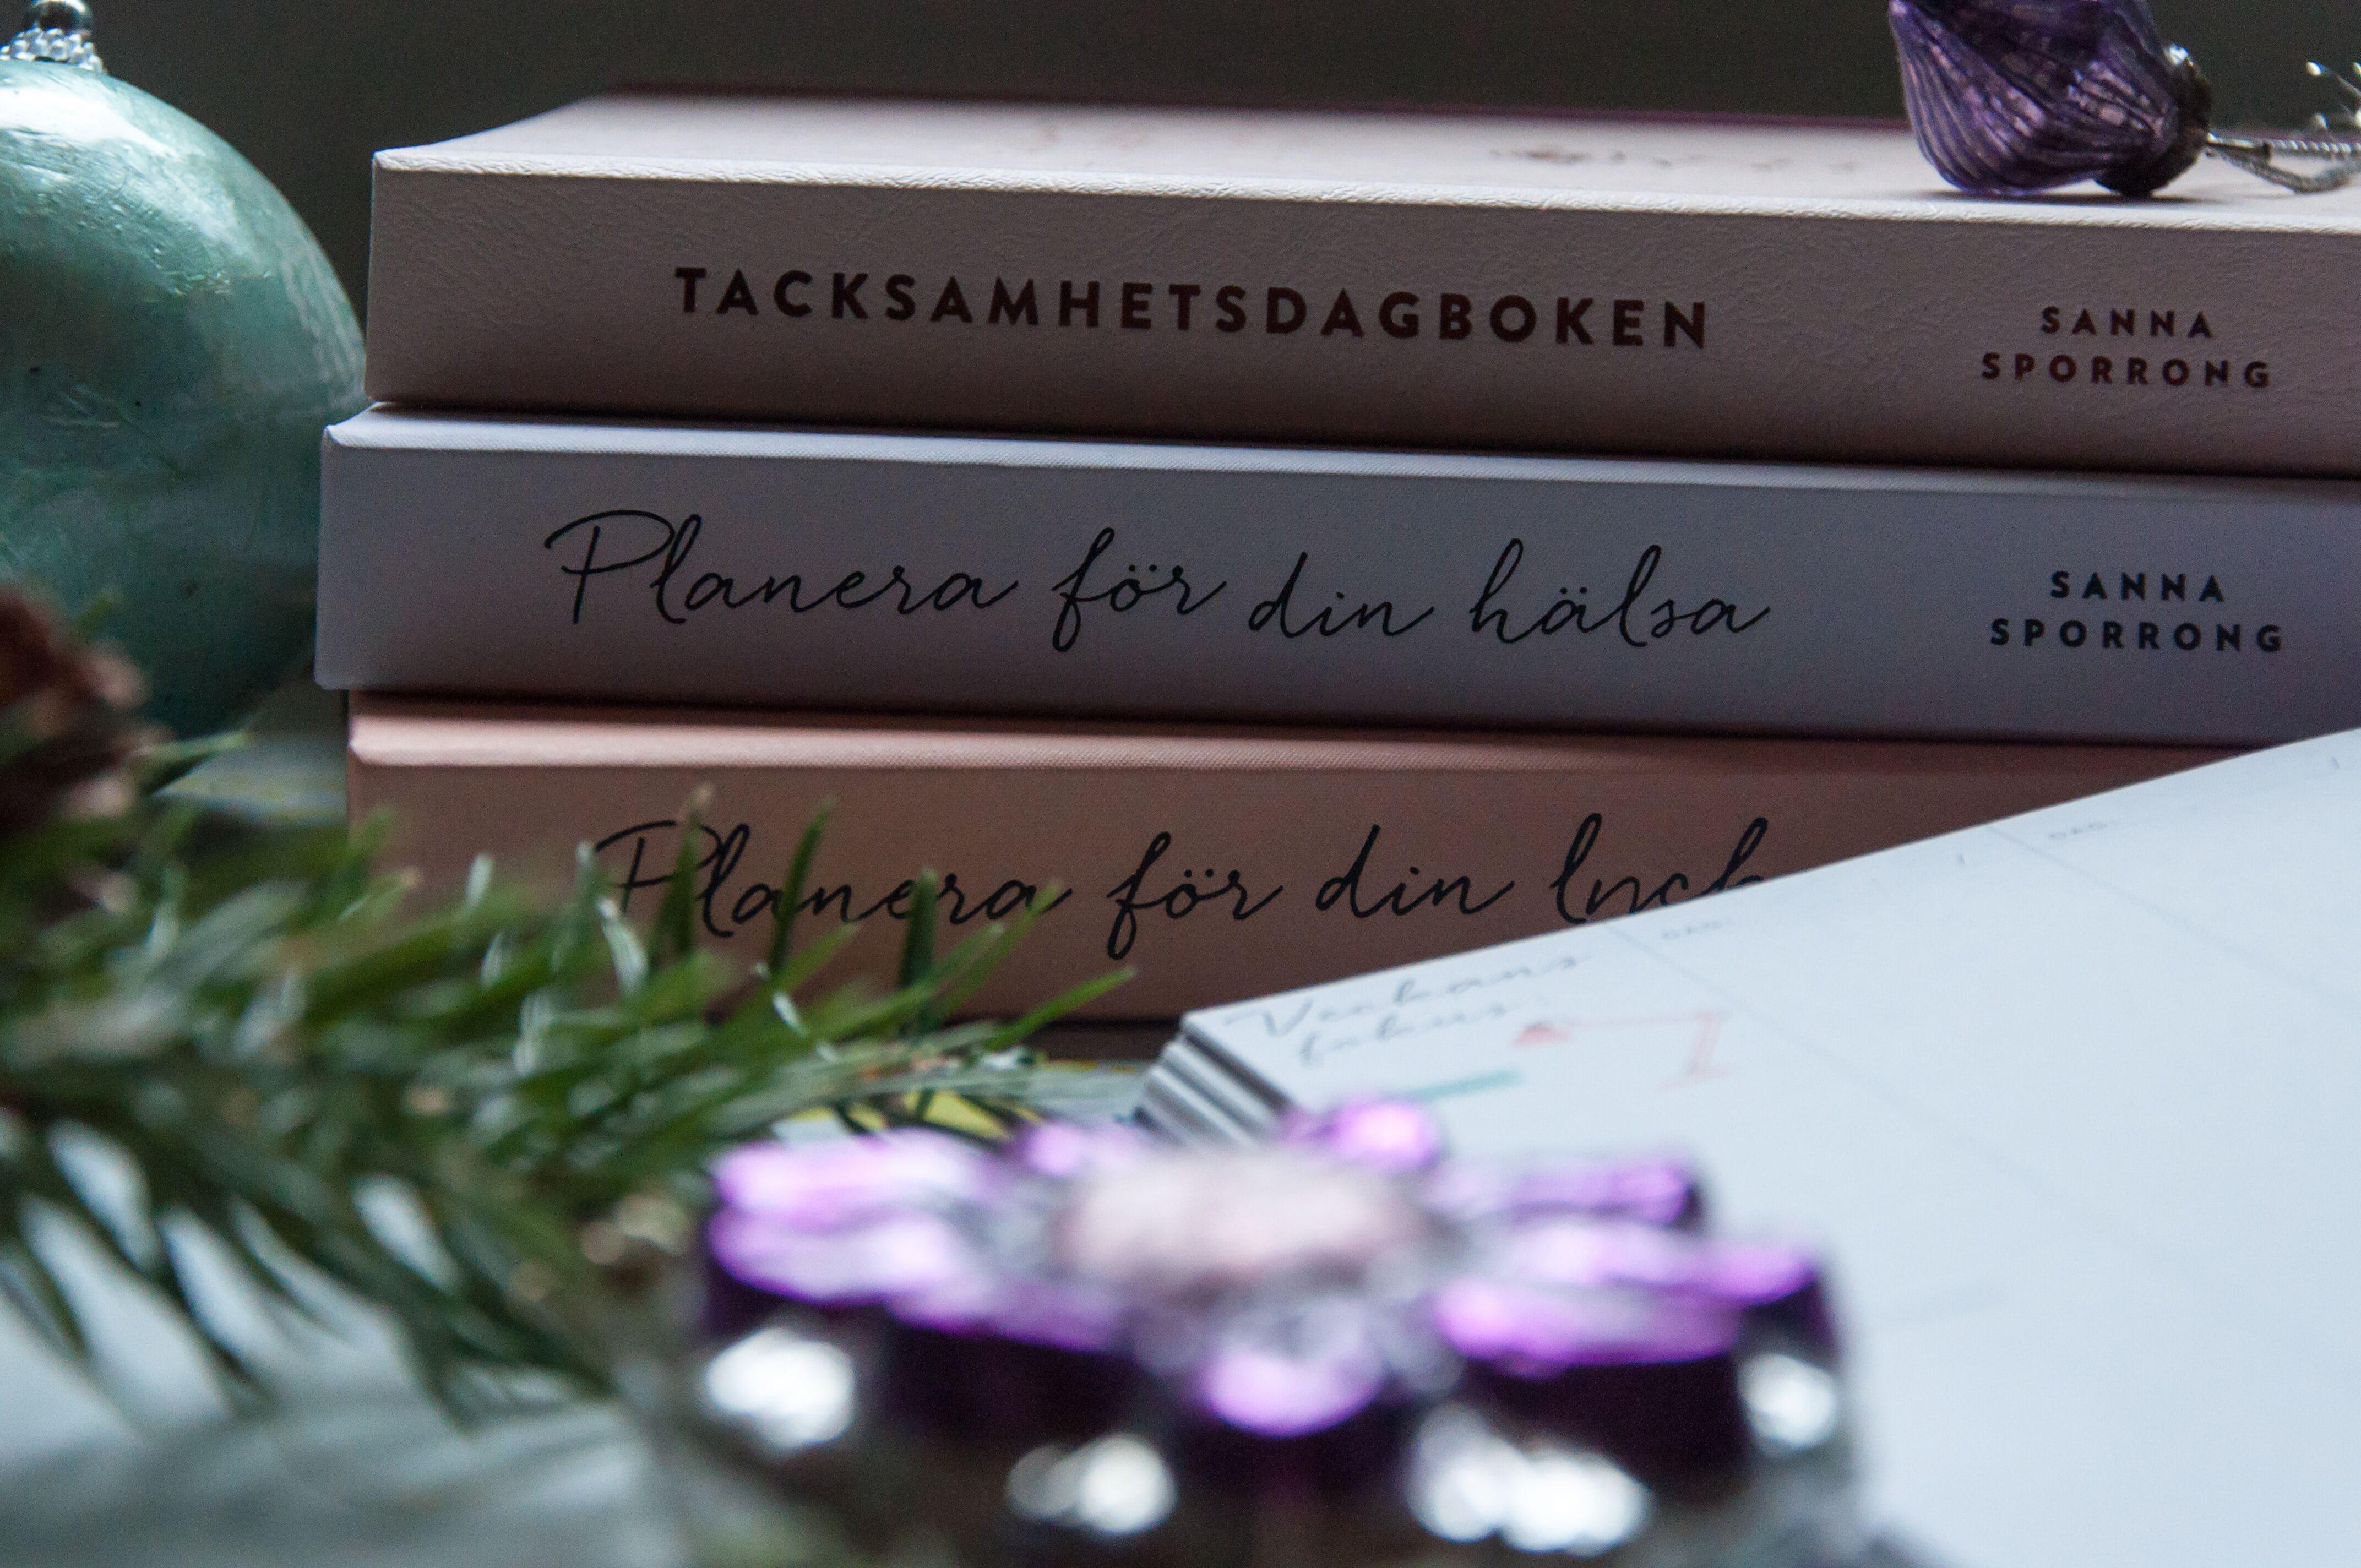 Hårda klappar - Bästa böckerna du ger bort i julklapp. Planera för din lycka . Av Sanna Sporrong